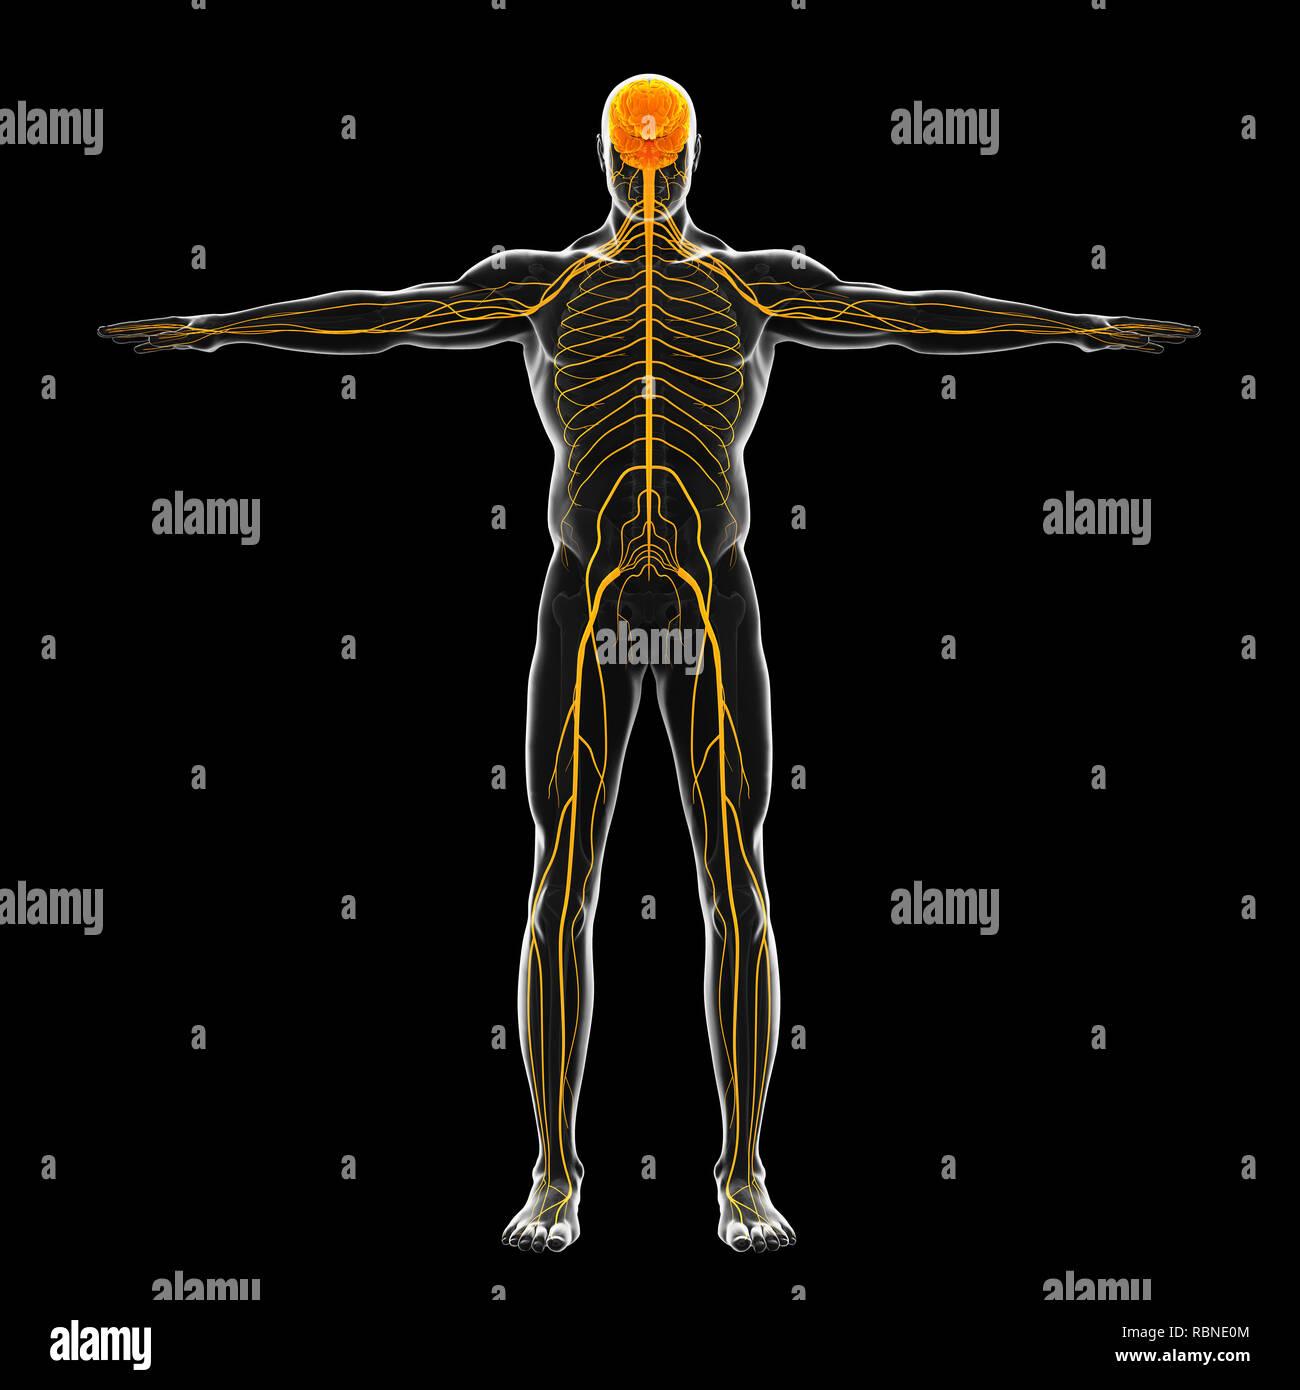 Ilustración del sistema nervioso humano Foto de stock